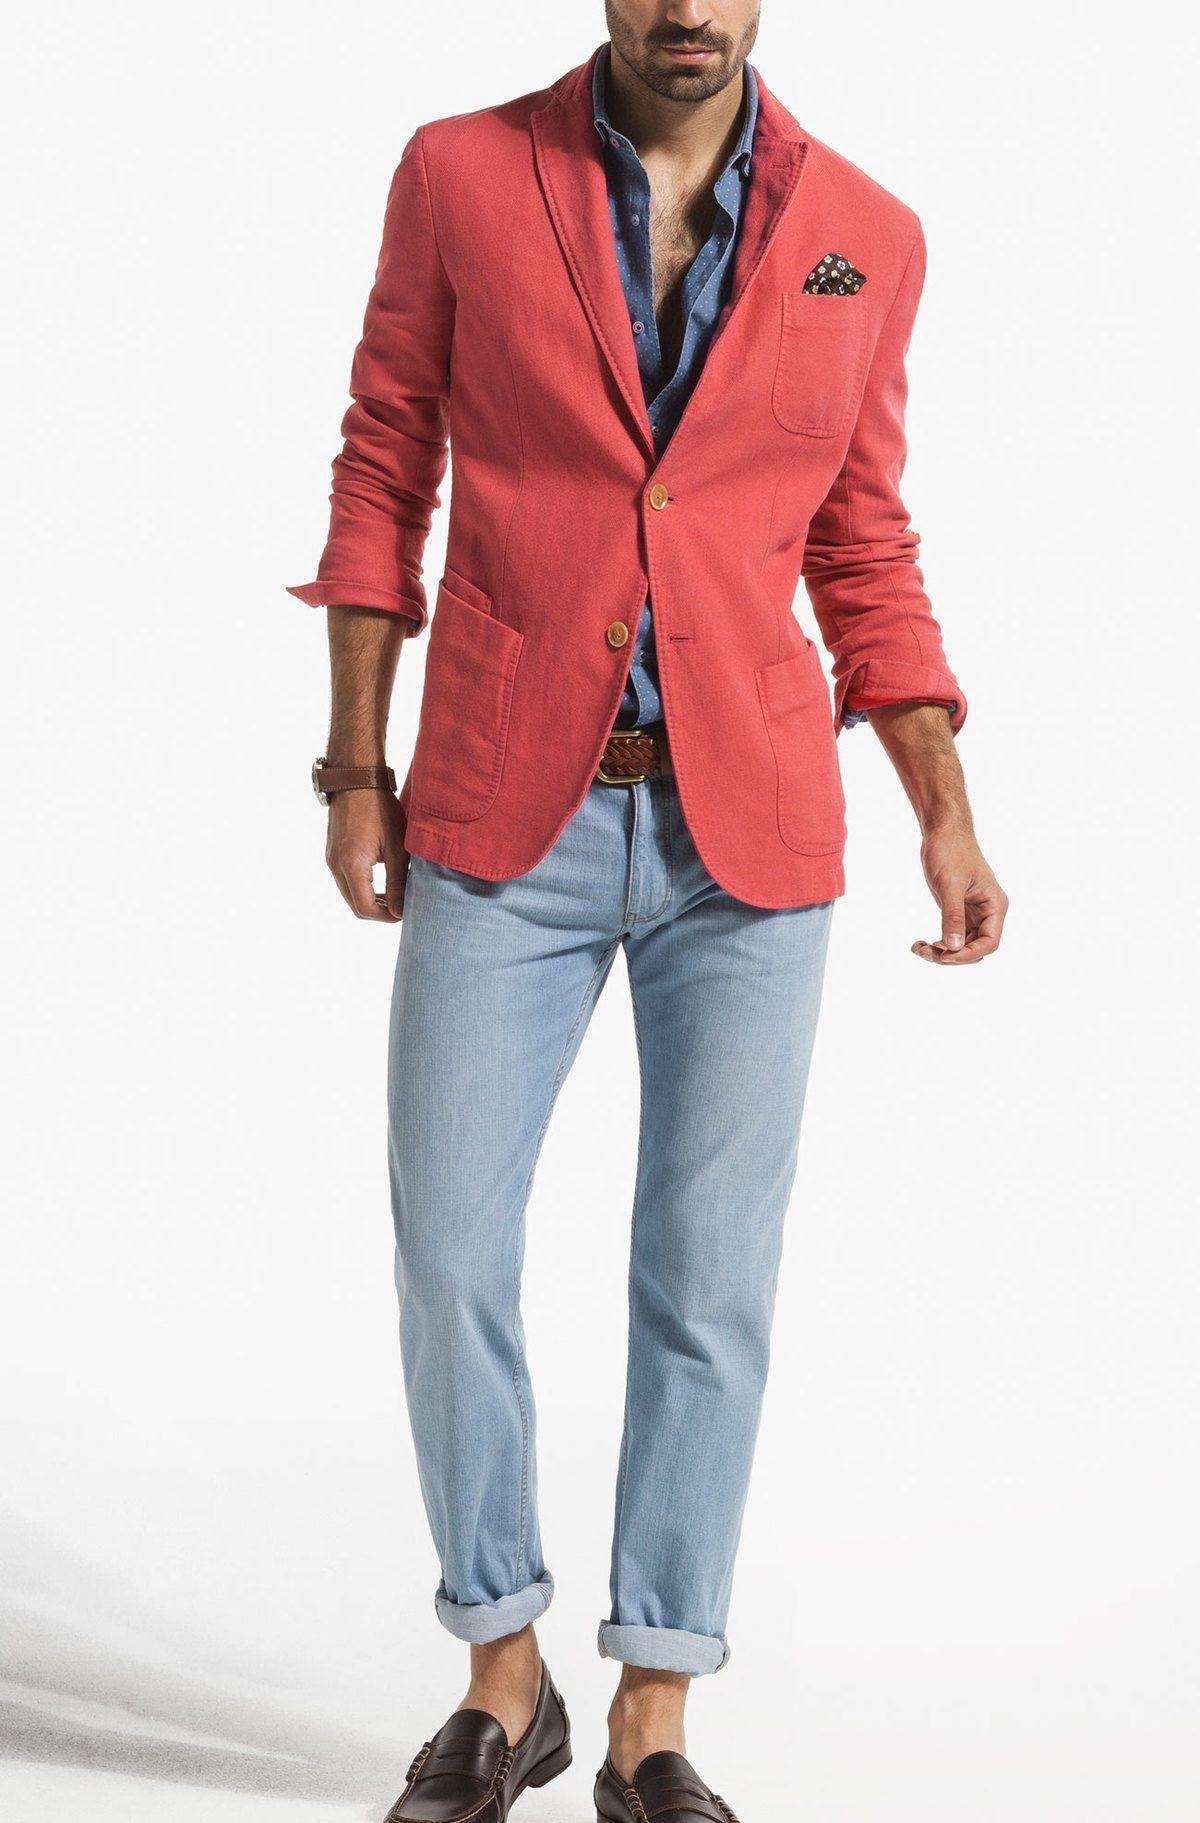 077c9348c Pin by William Lee on Spring & Summer GEAR | Cotton blazer, Blazer ...